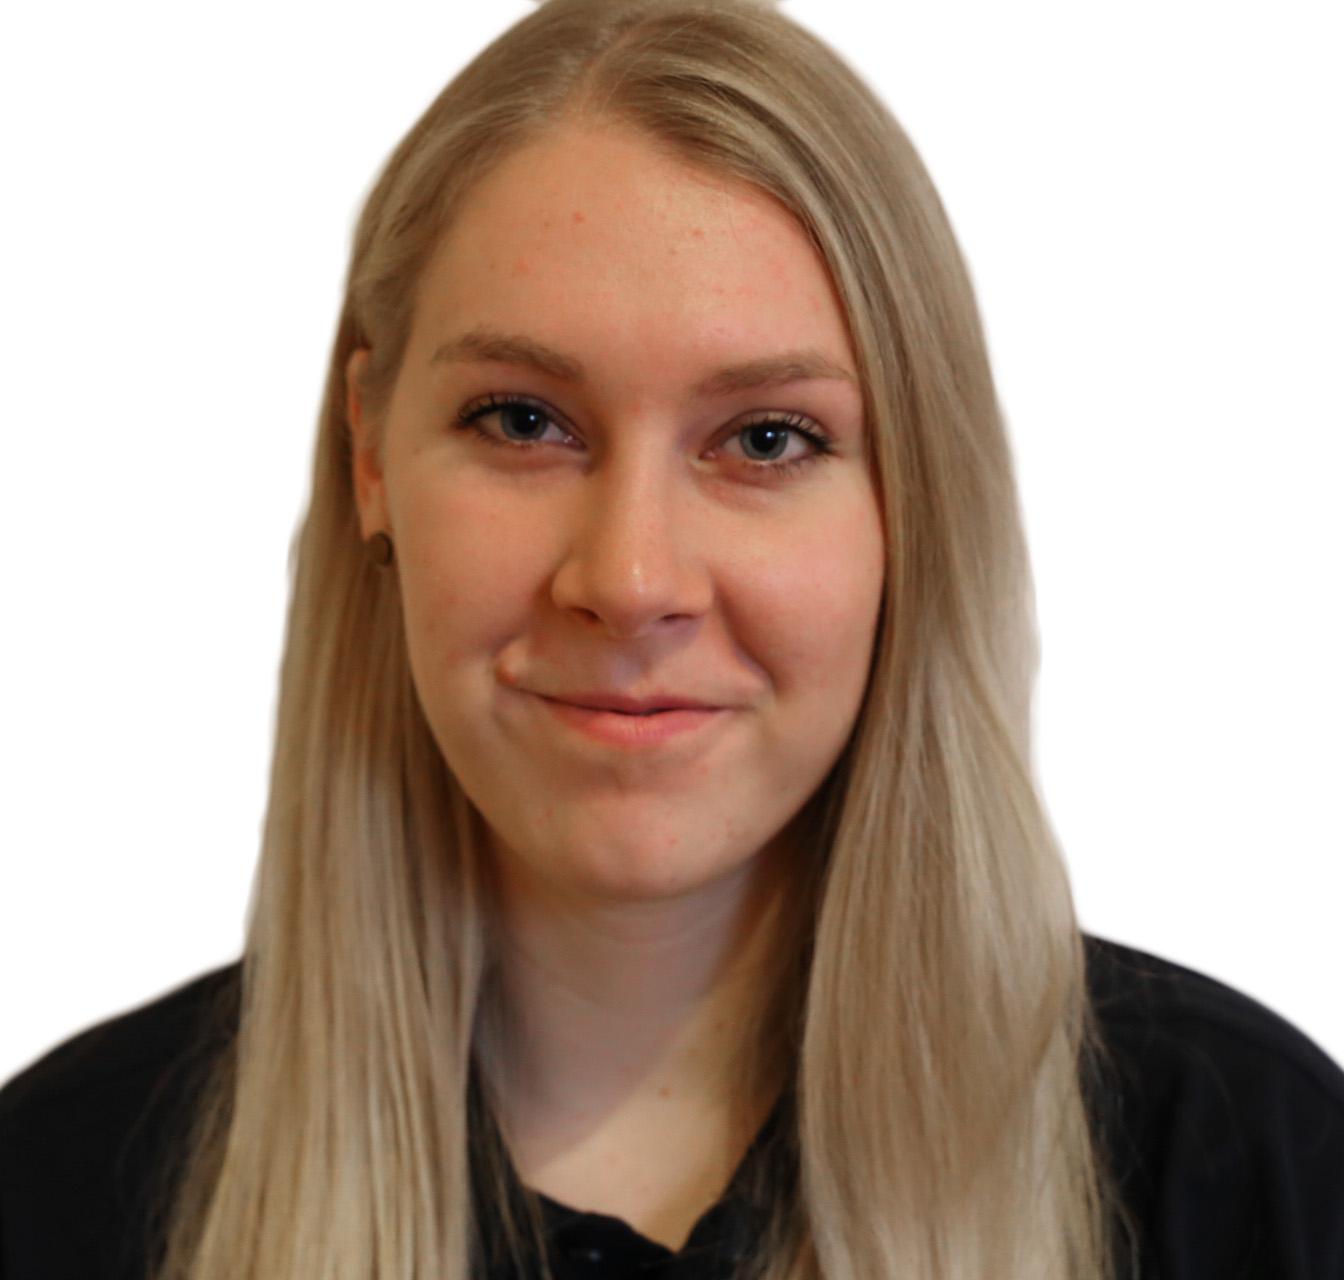 Sarah Heynen